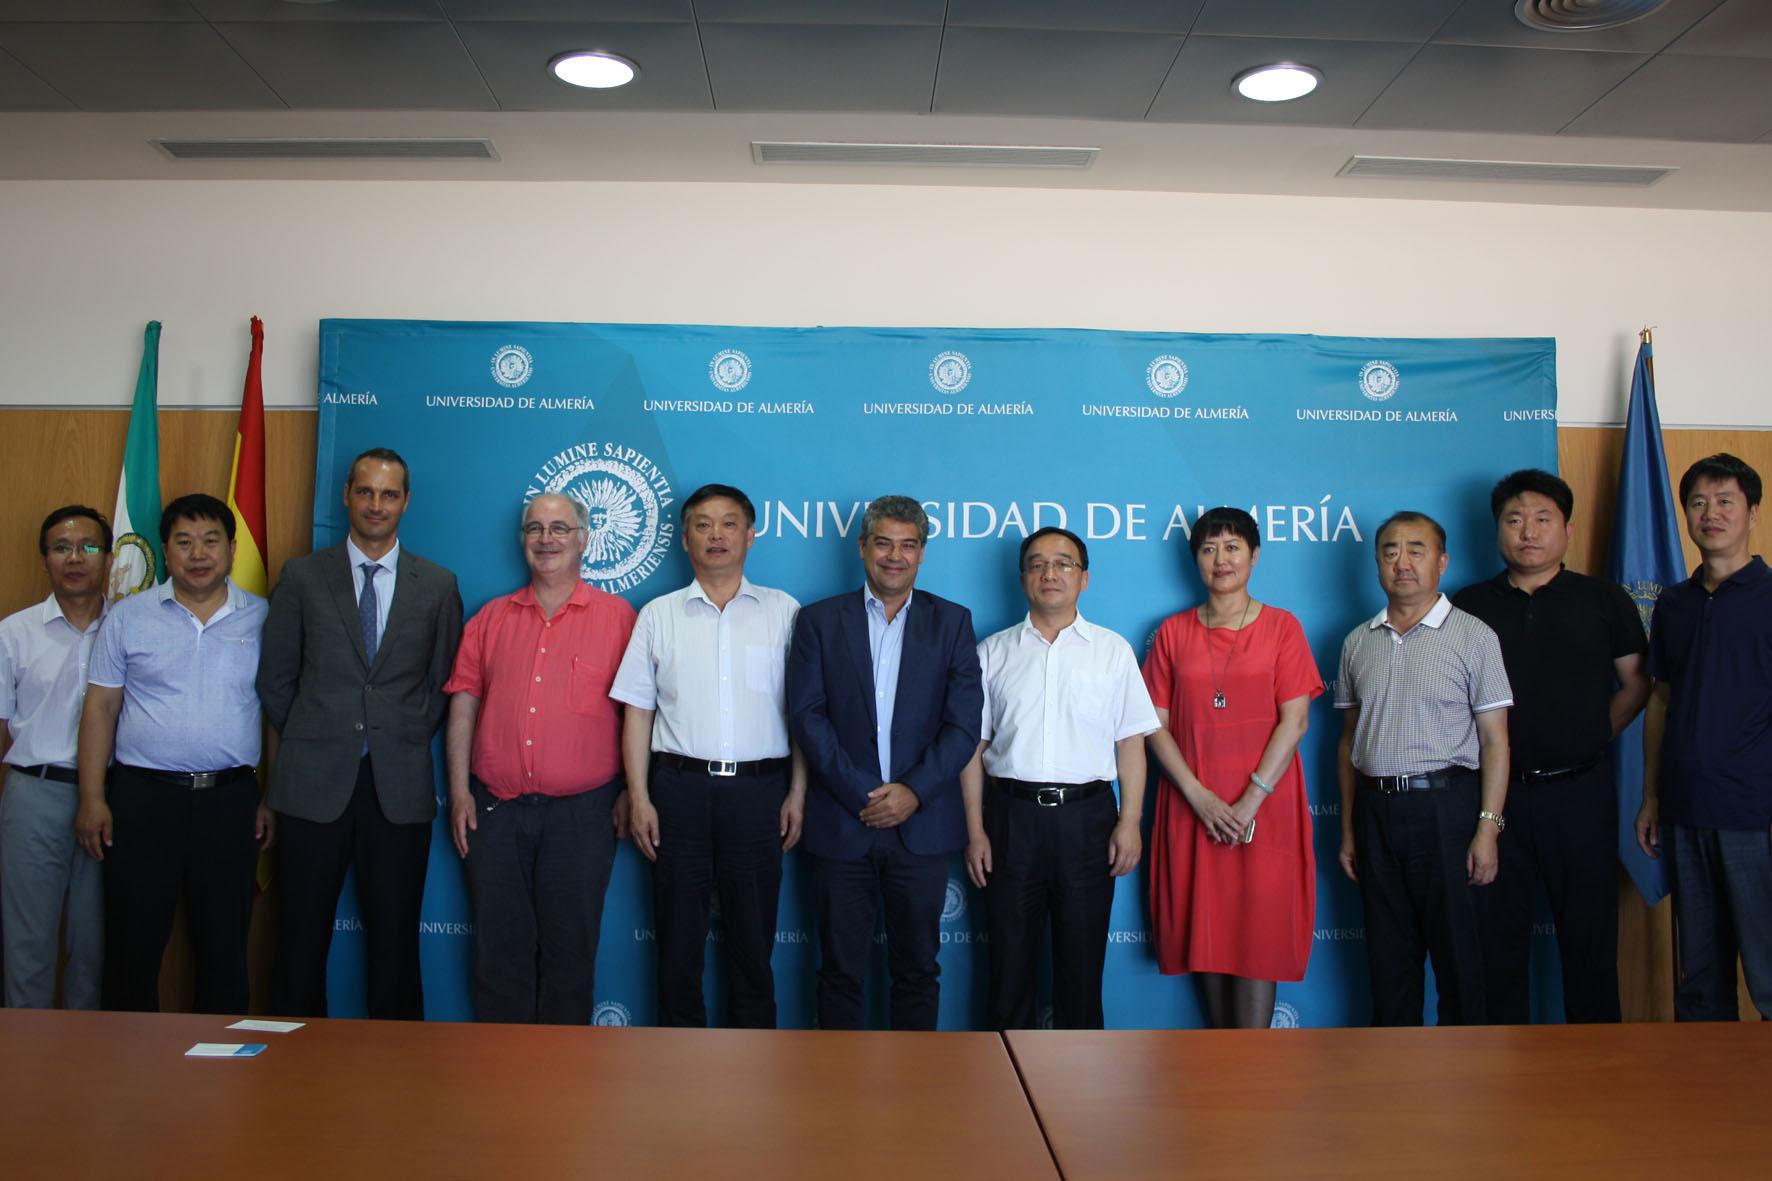 La UAL estrecha lazos con Hebei, una de las regiones de China con mayor producción agrícola